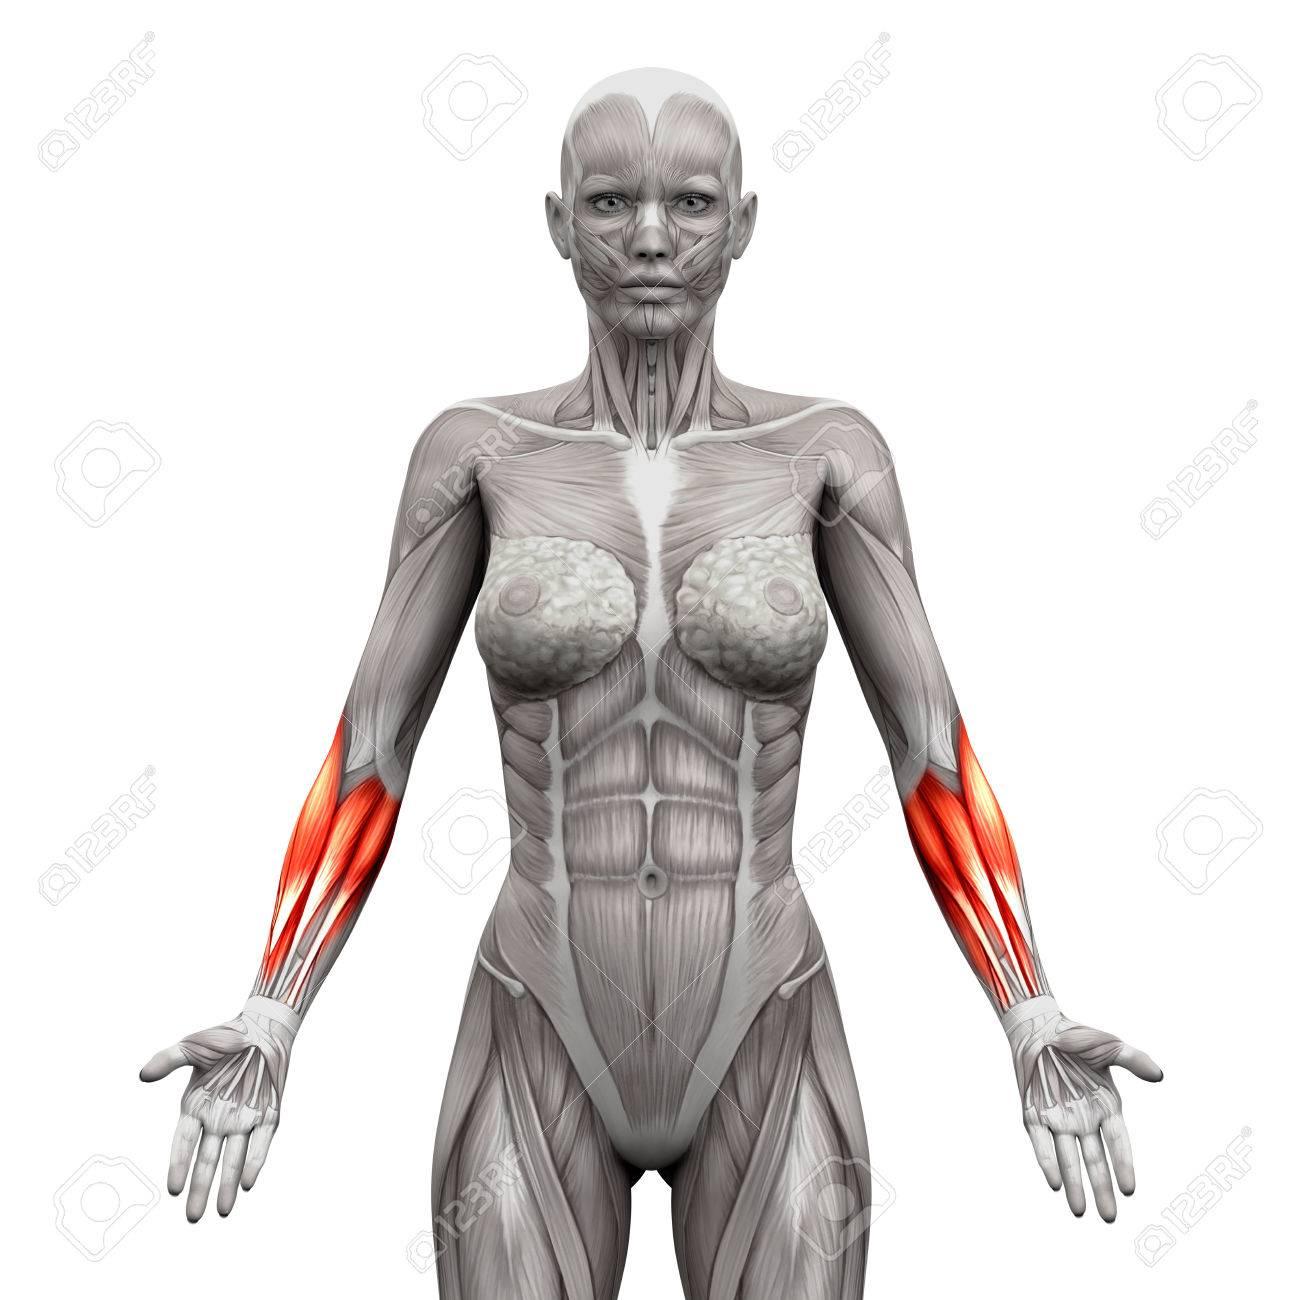 Los Músculos Del Antebrazo - Músculos Anatomía Aislados En El Blanco ...